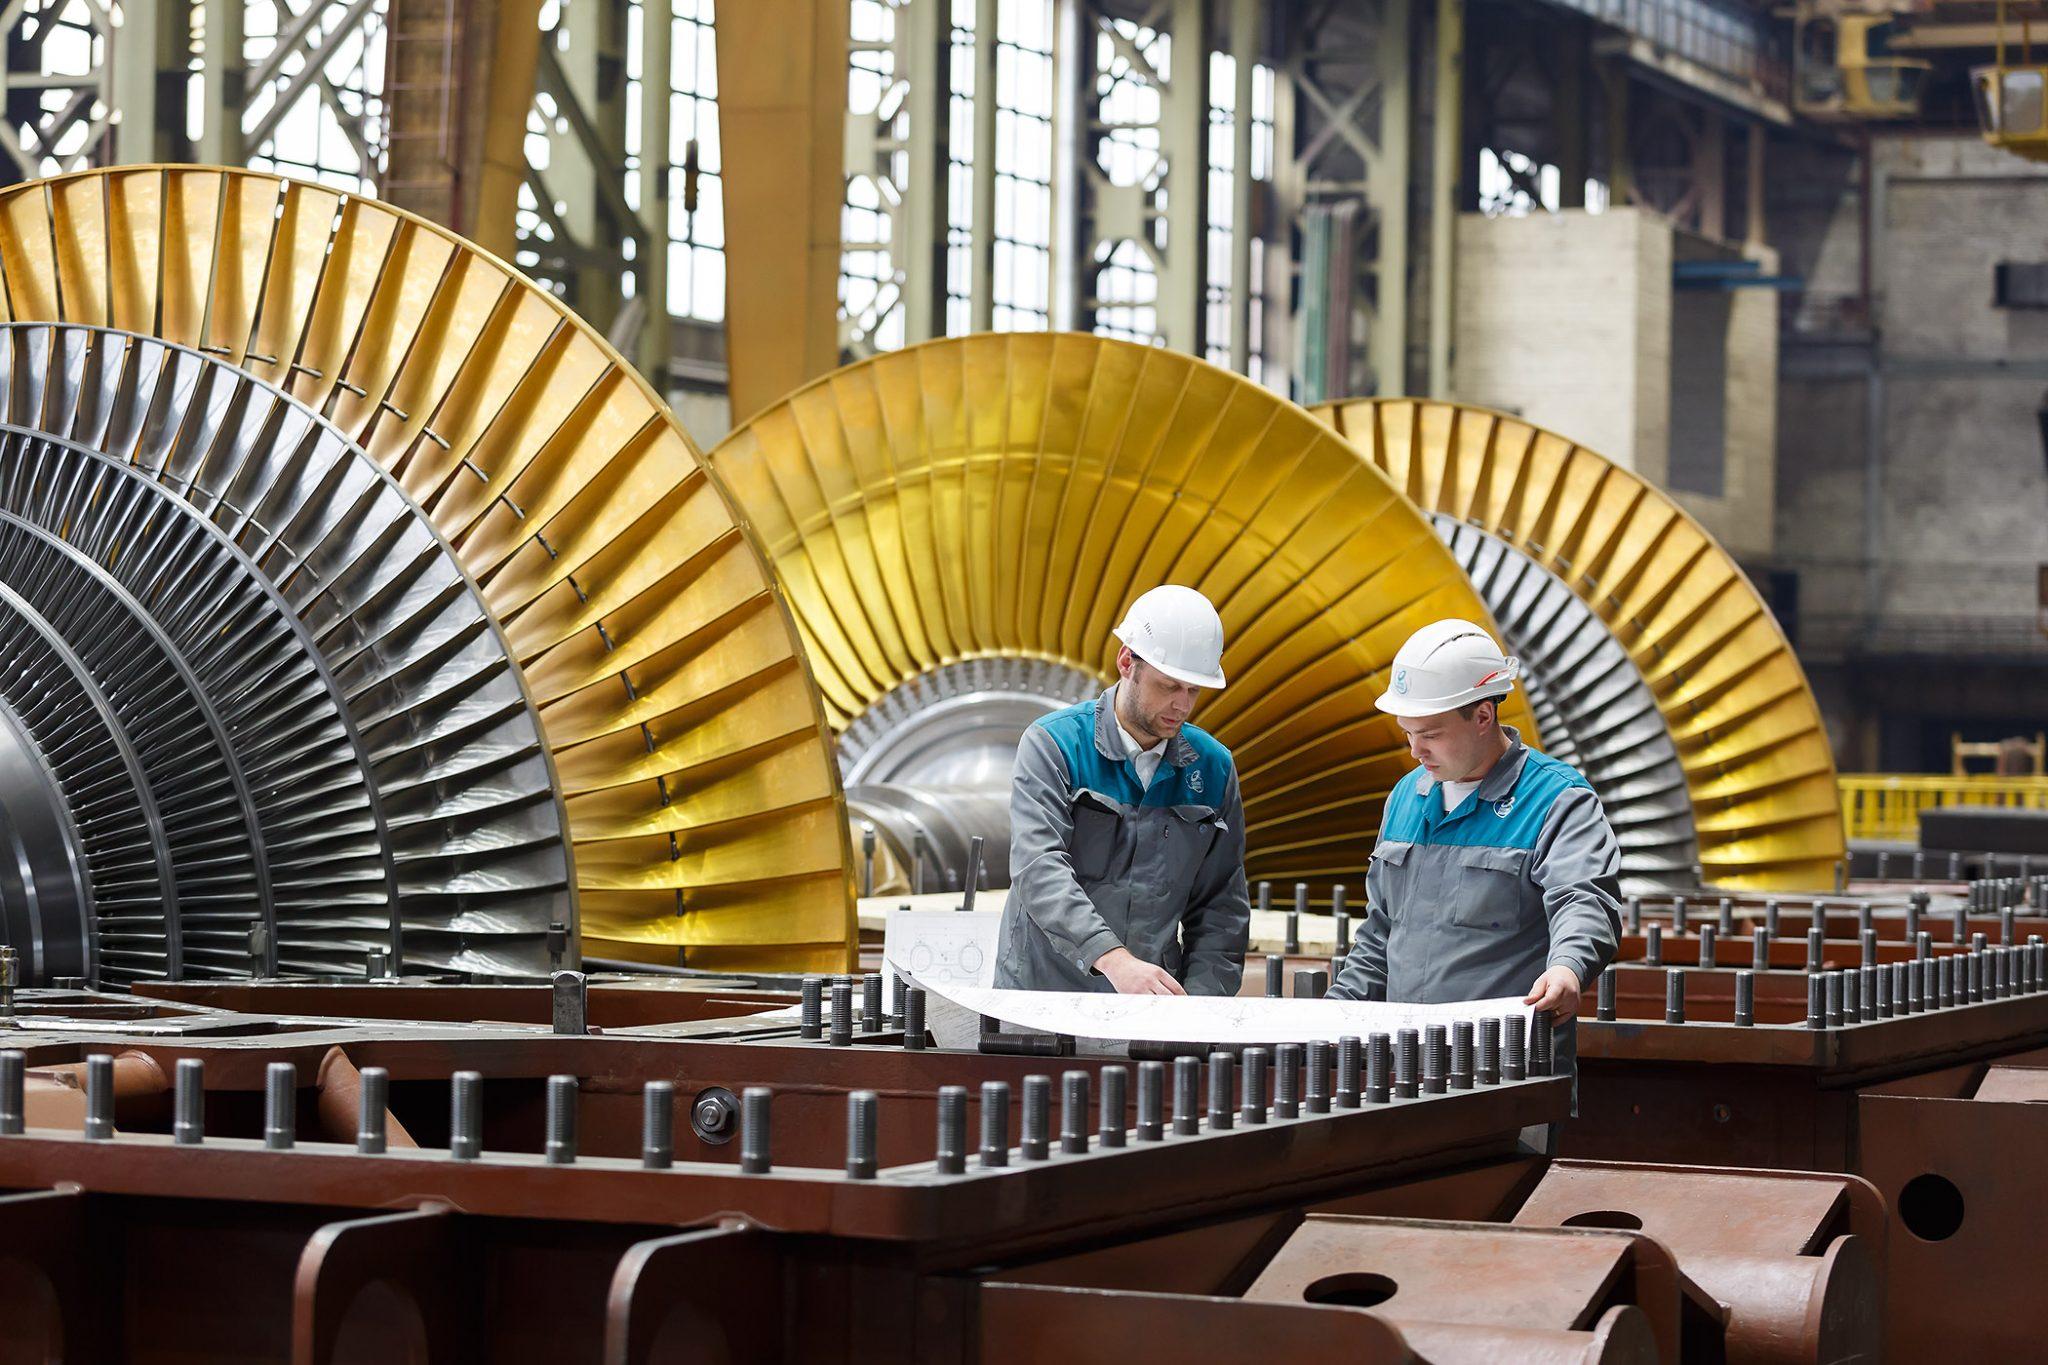 پروژه ارتقا بزرگترین نیروگاه آسیای میانه در آستانه تکمیل